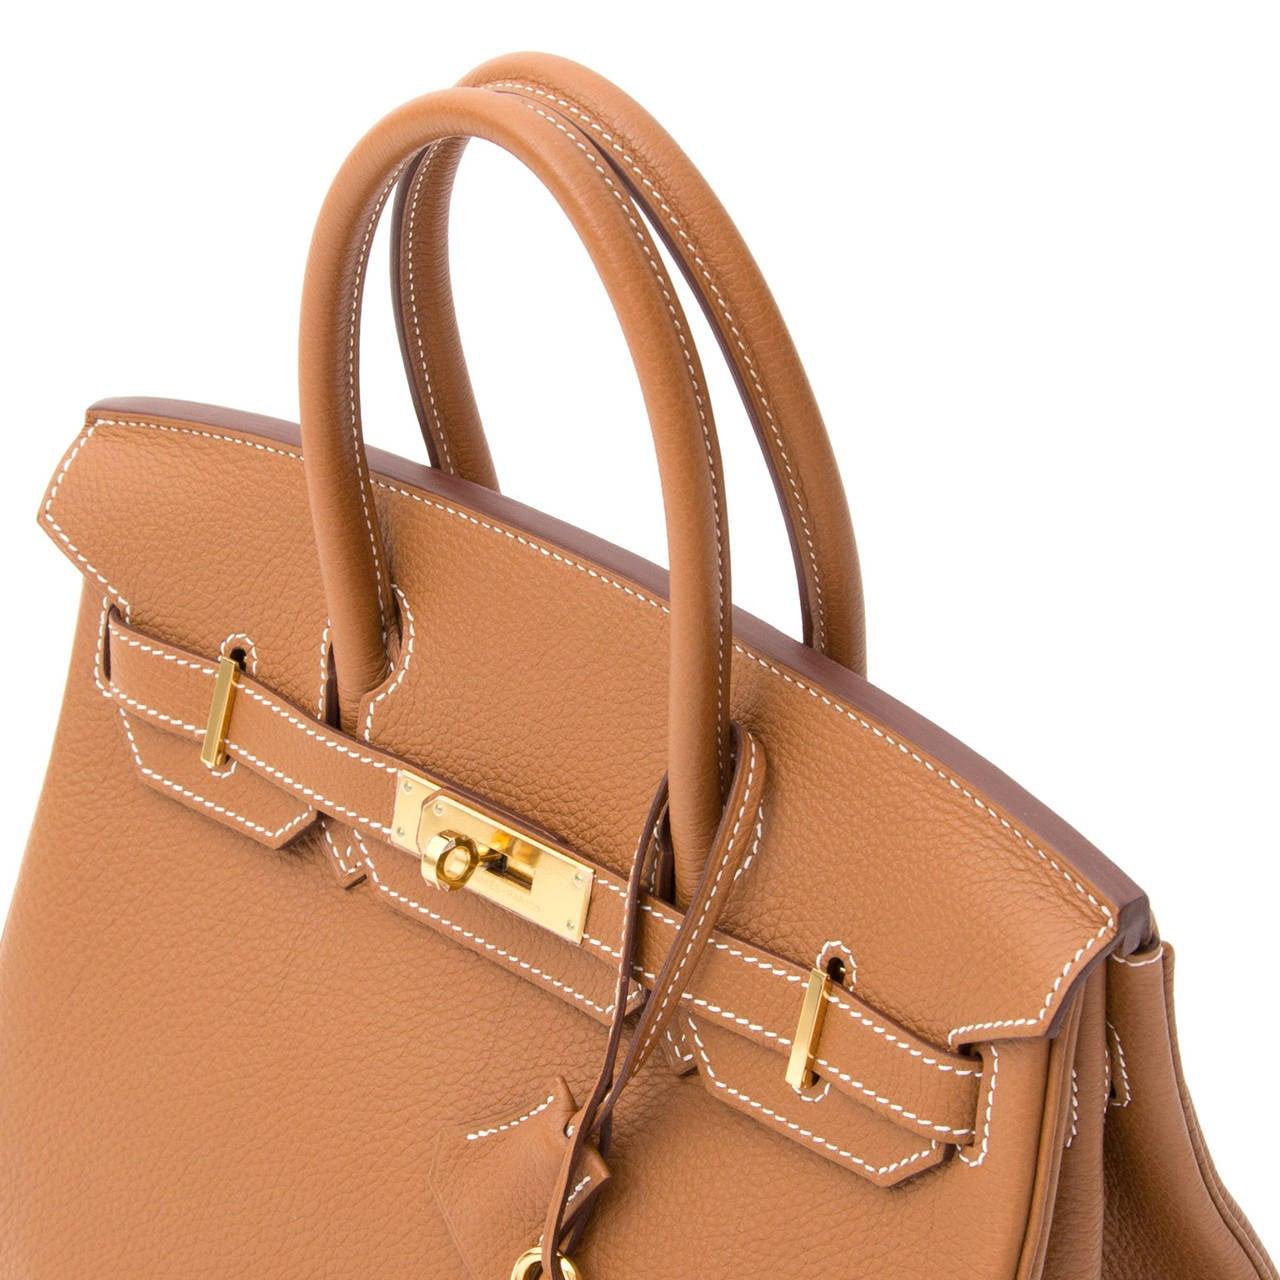 Hermès Birkin Gold Togo 30 GHW 7